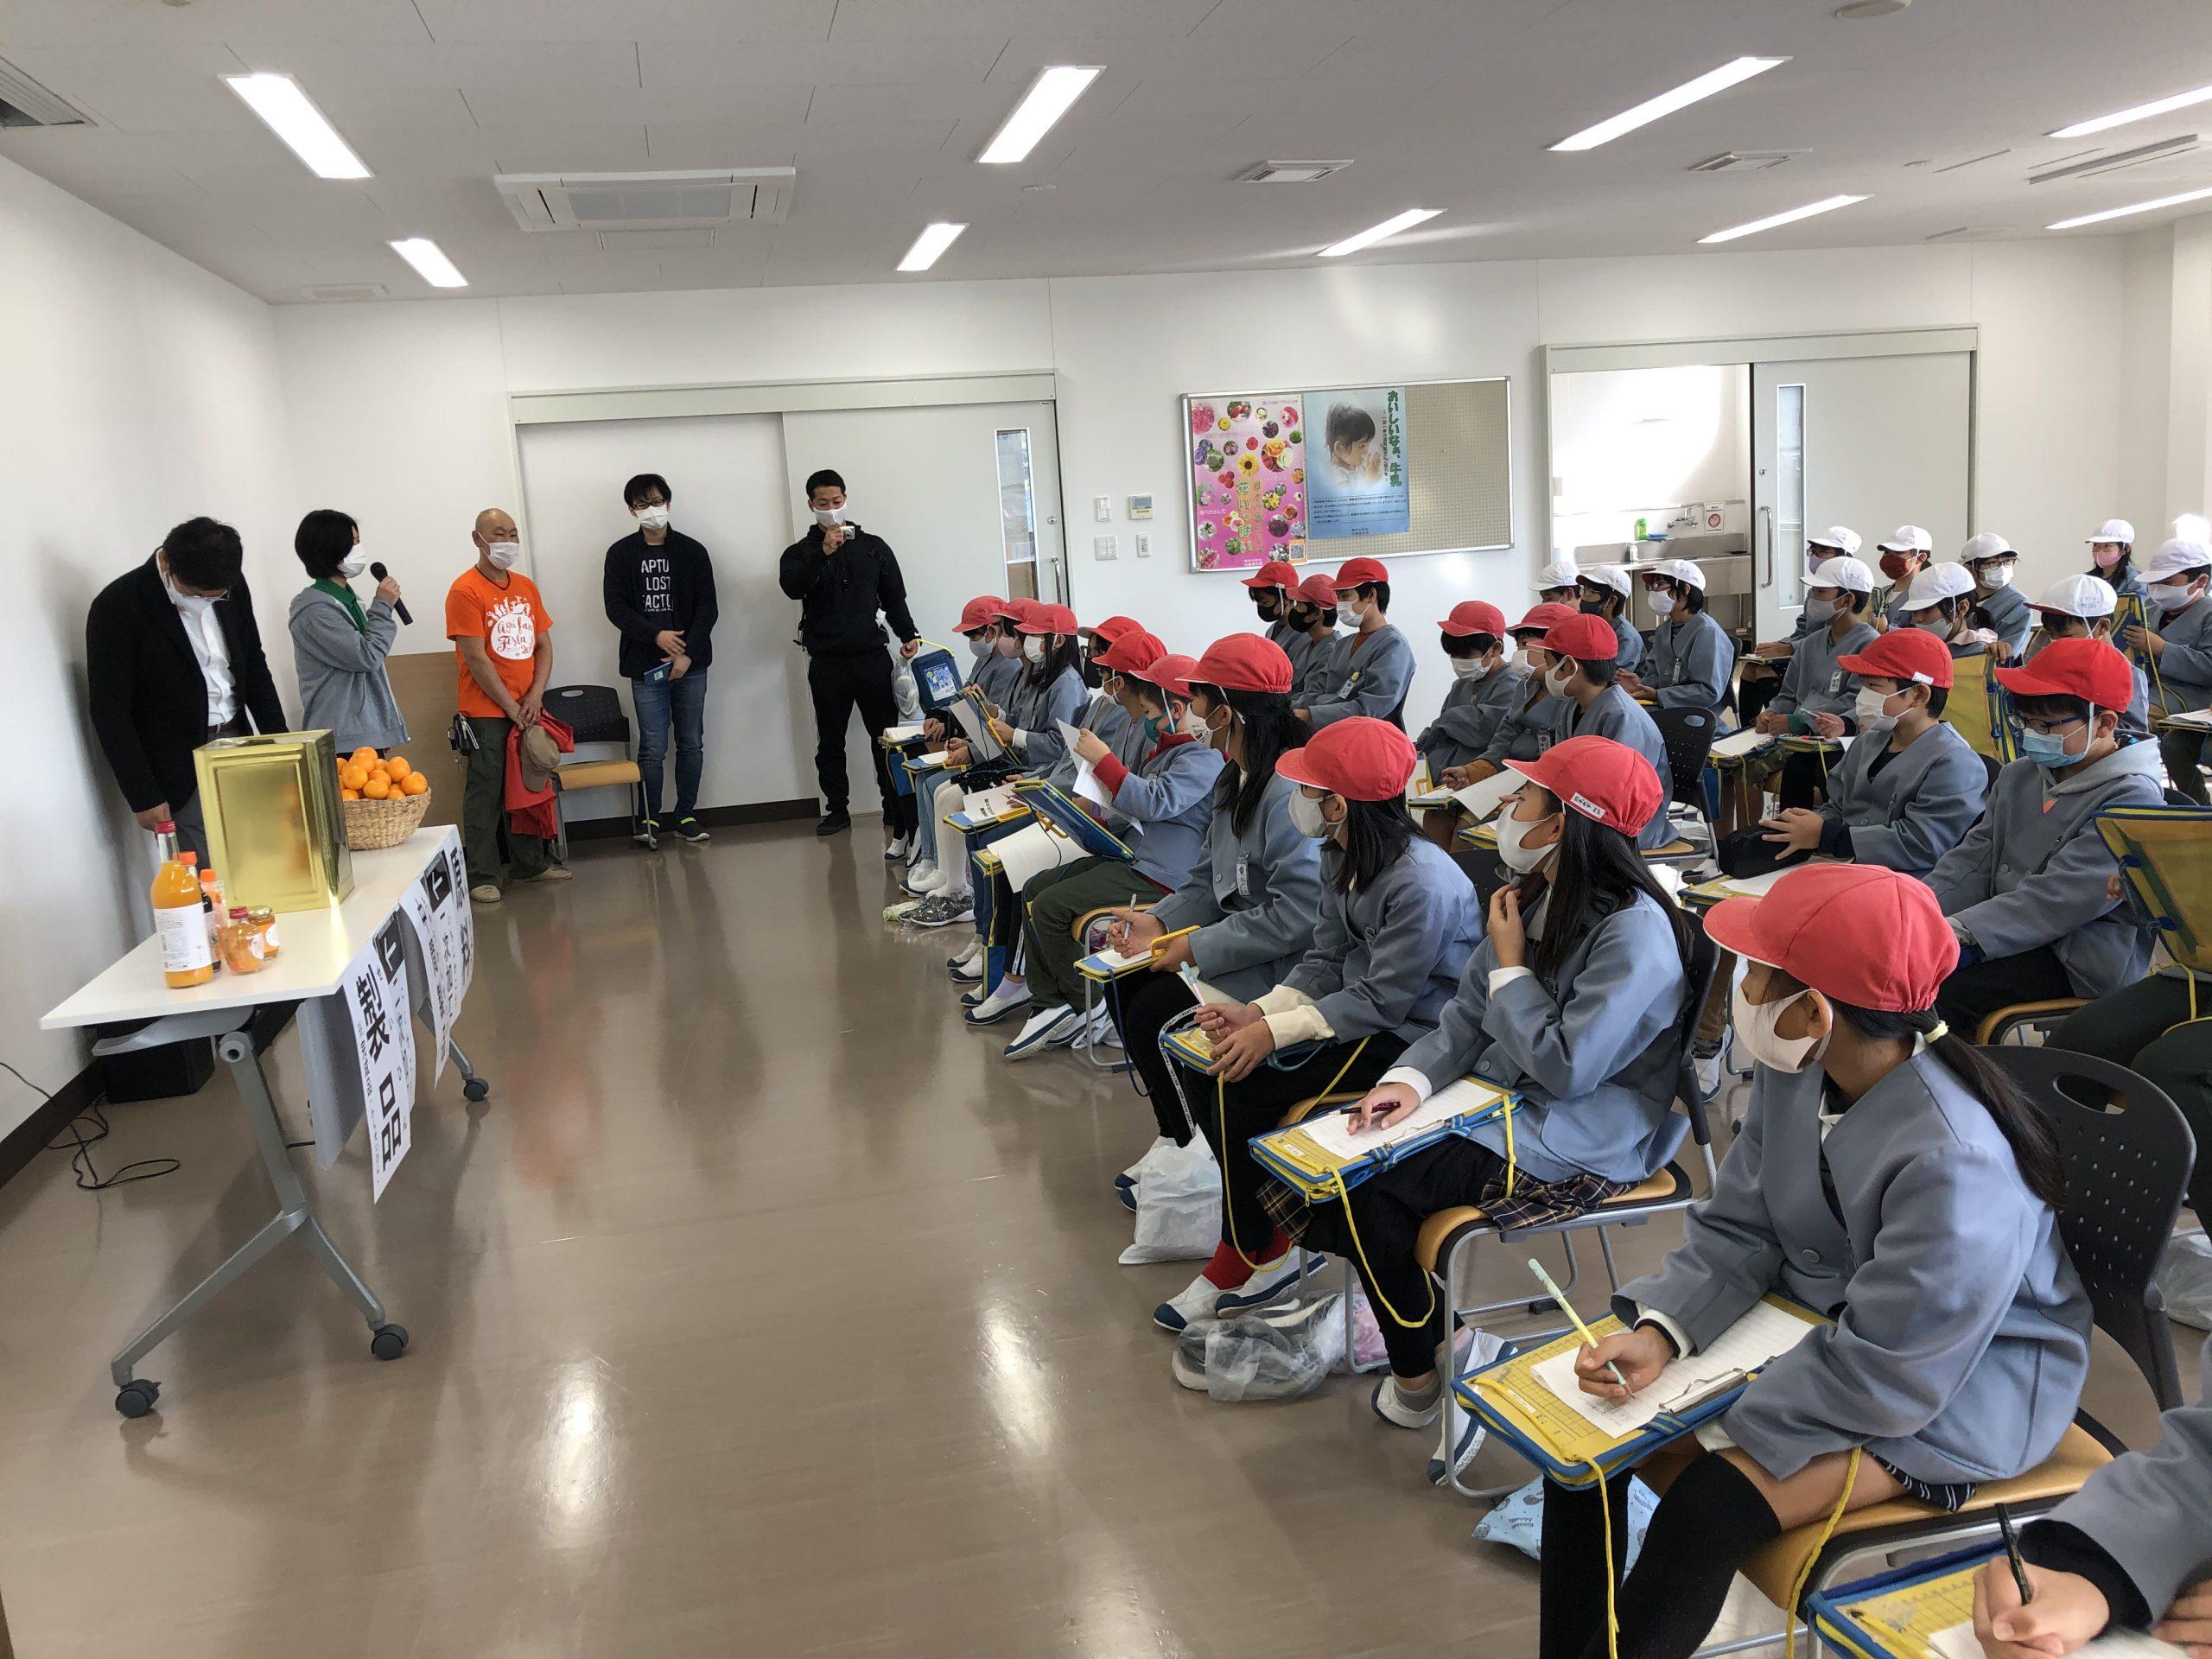 会議室にて。有田みかんが加工品に仕上がるまでの行程を熱心に聞く生徒さんの様子。メモもしっかり取っている。